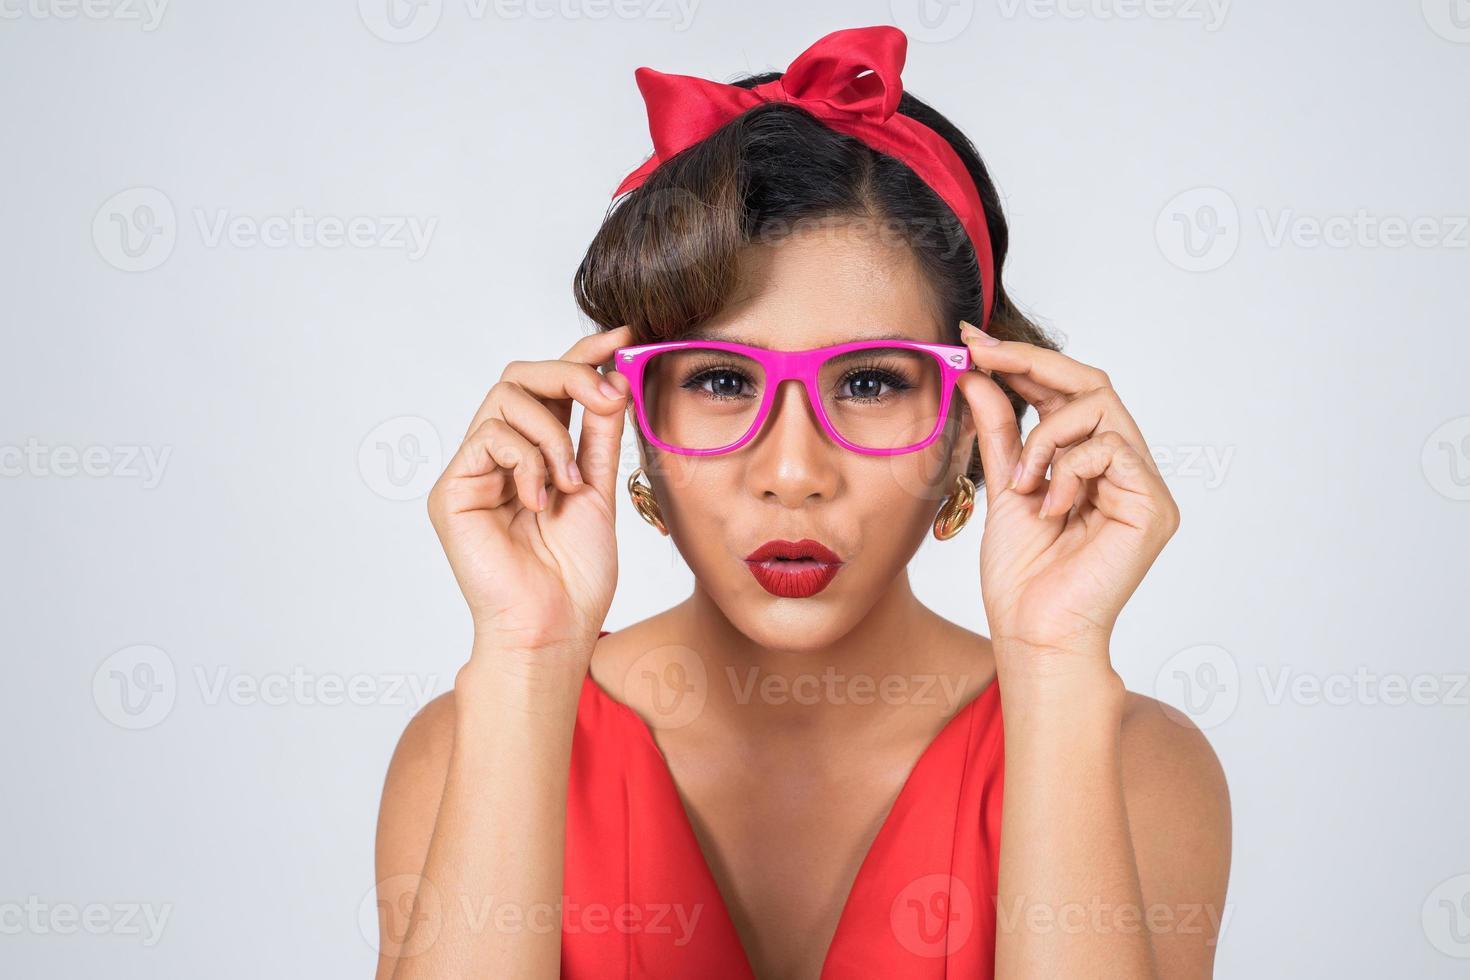 ritratto di una donna alla moda che indossa occhiali da sole rosa foto